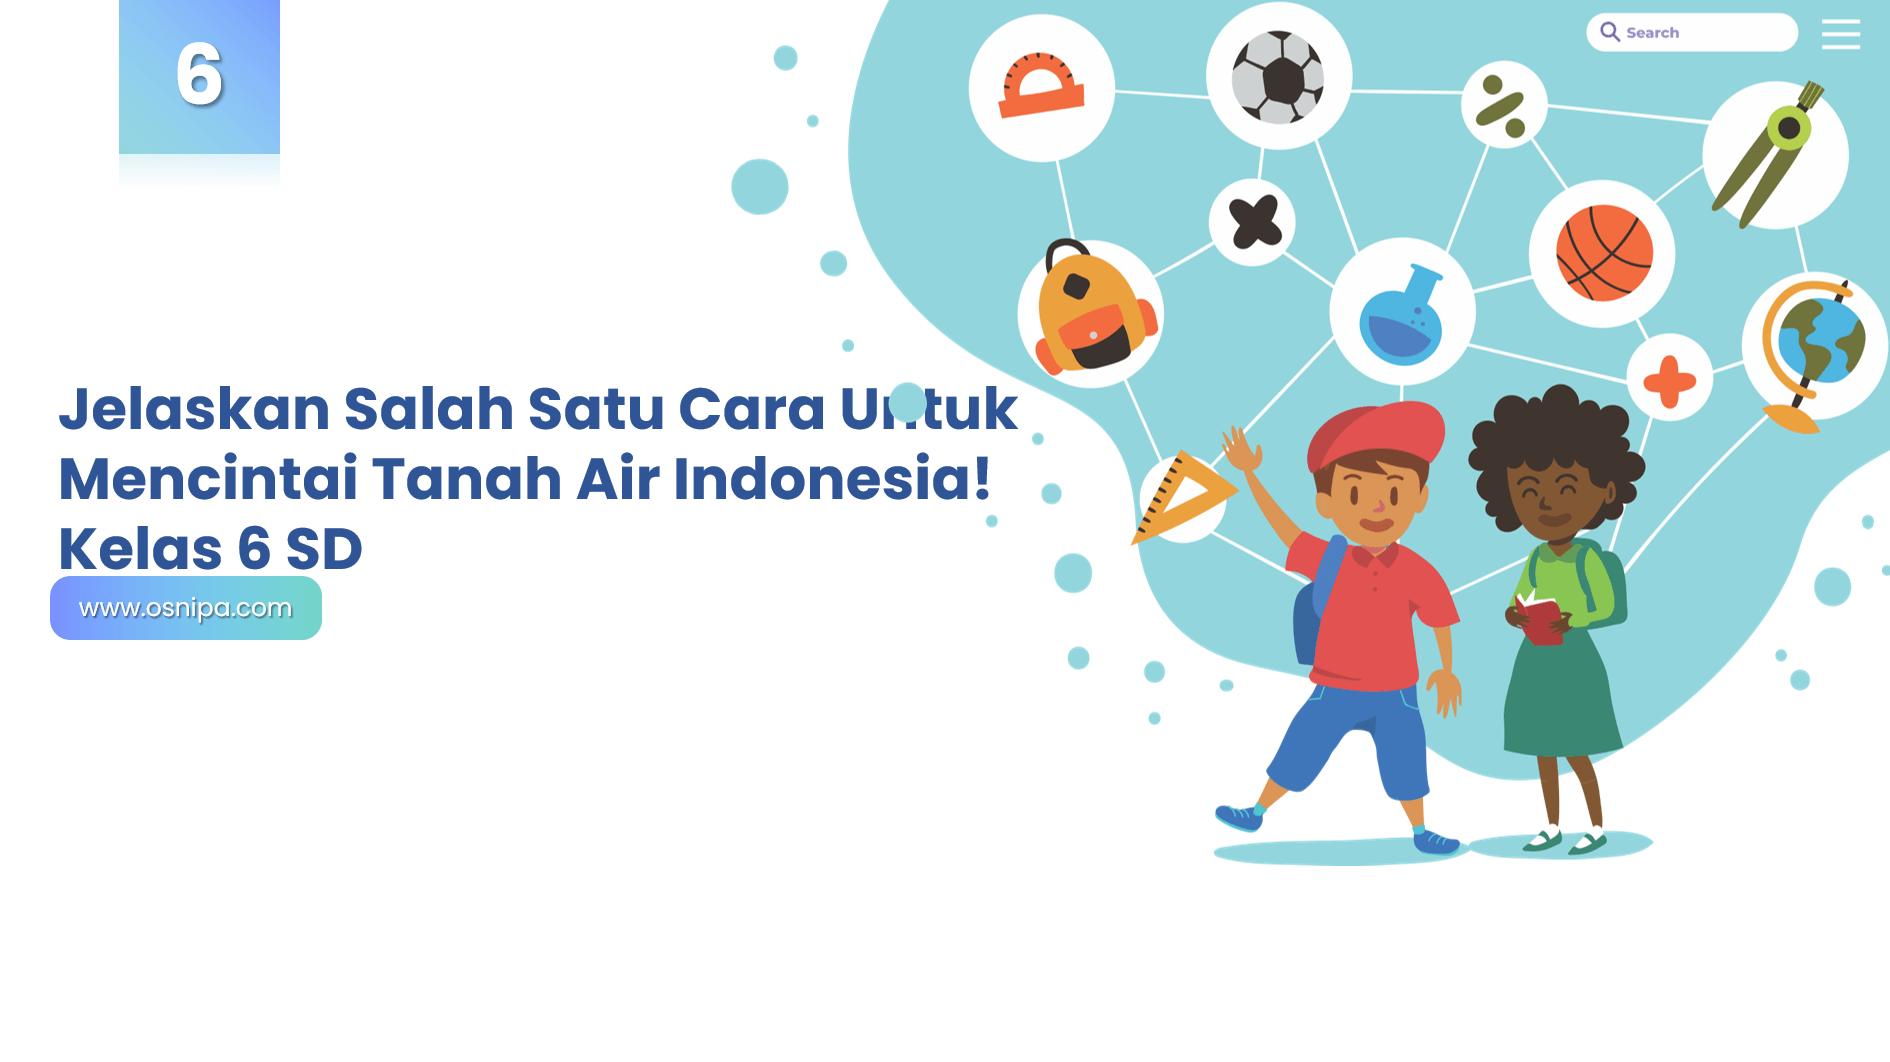 Jelaskan Salah Satu Cara Untuk Mencintai Tanah Air Indonesia! Kelas 6 SD